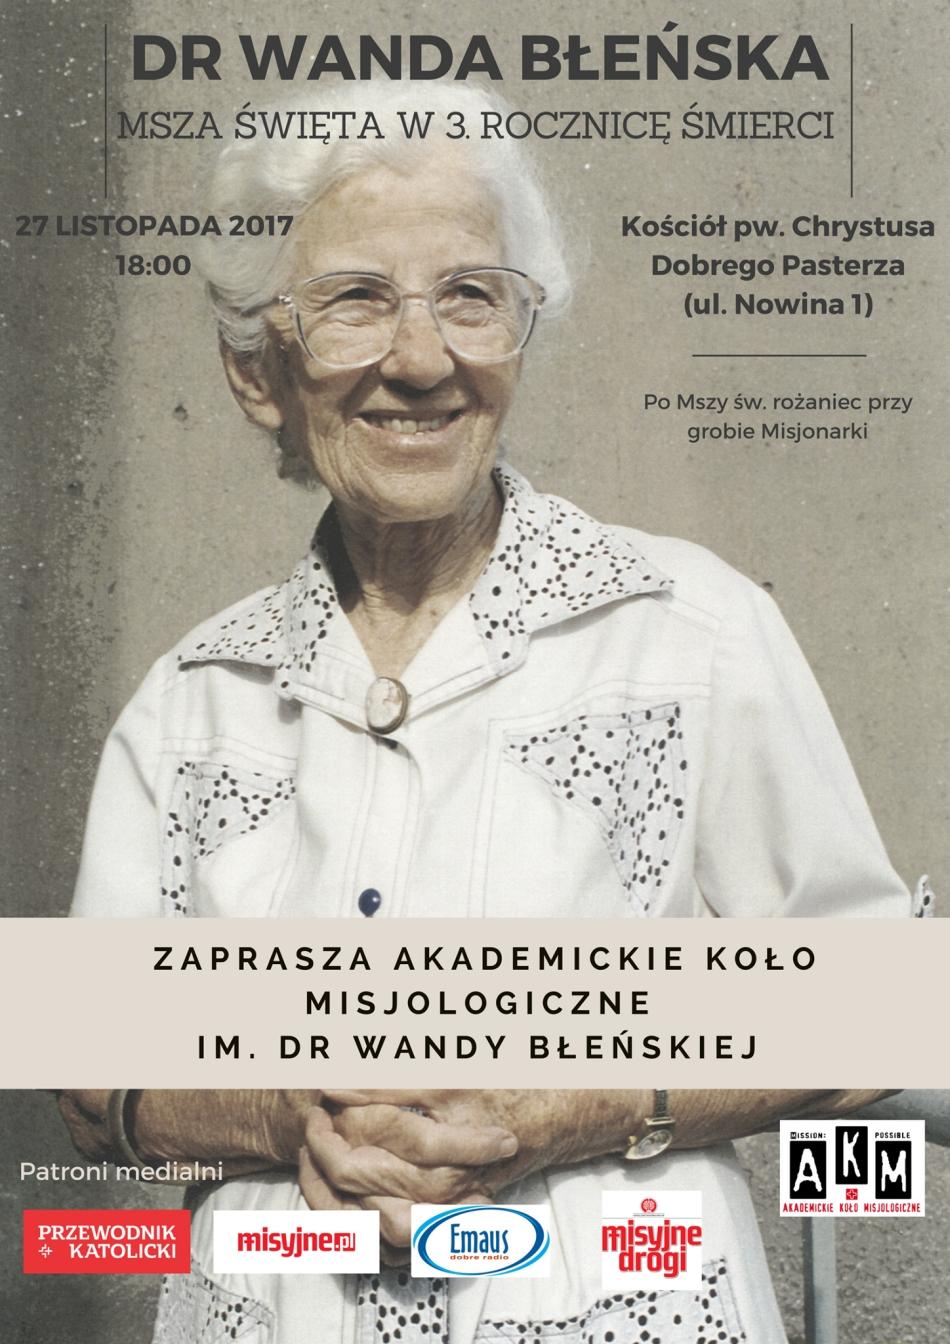 Oglądasz obraz z artykułu: 3. rocznica śmierci dr Wandy Błeńskiej